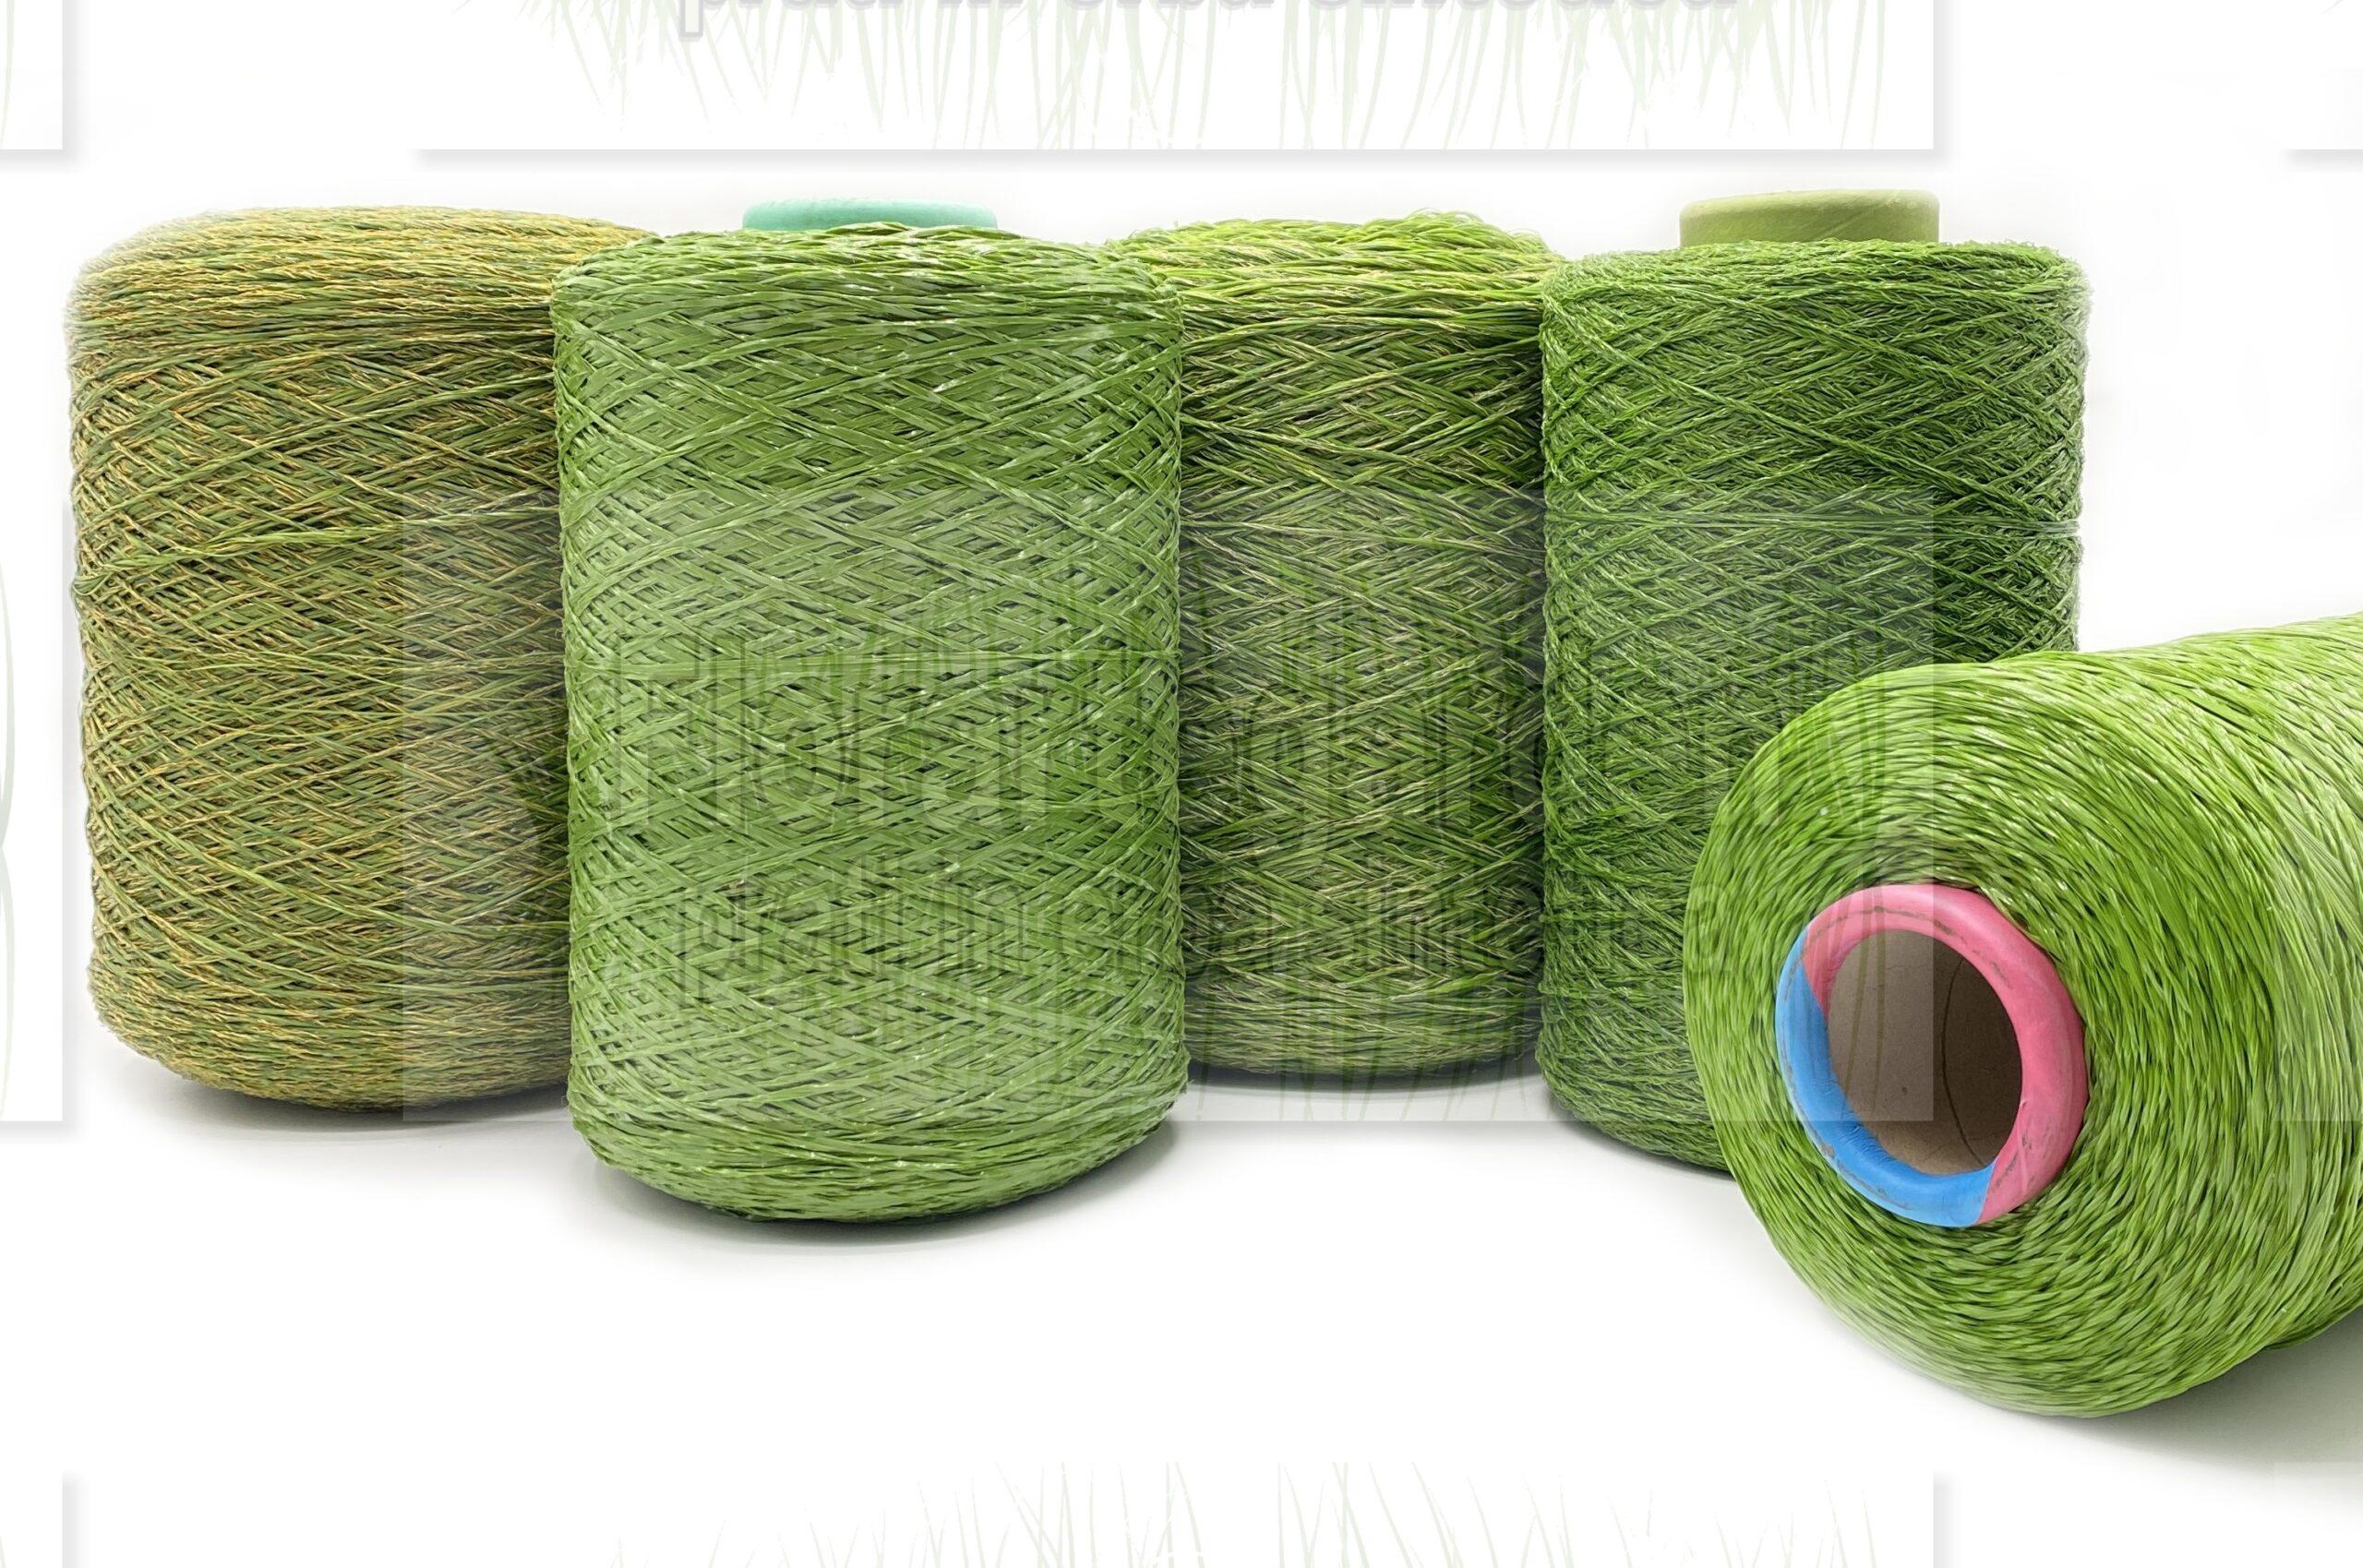 Bobine di filato erba sintetica